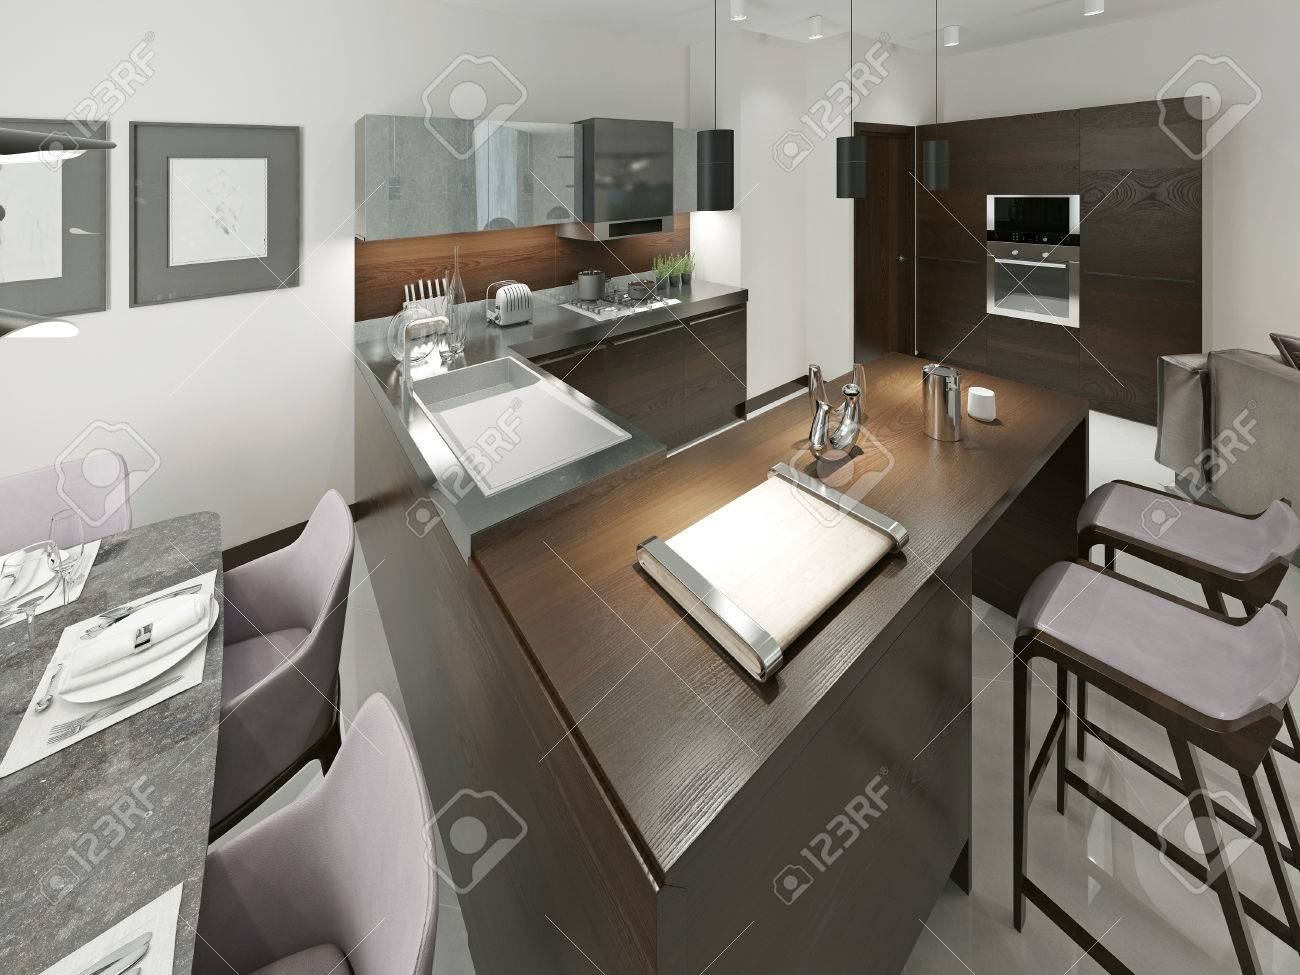 Interior de la cocina moderna con barra y taburetes. Muebles de madera  Cocina con insertos metálicos en tonos marrones y grises. 3d.